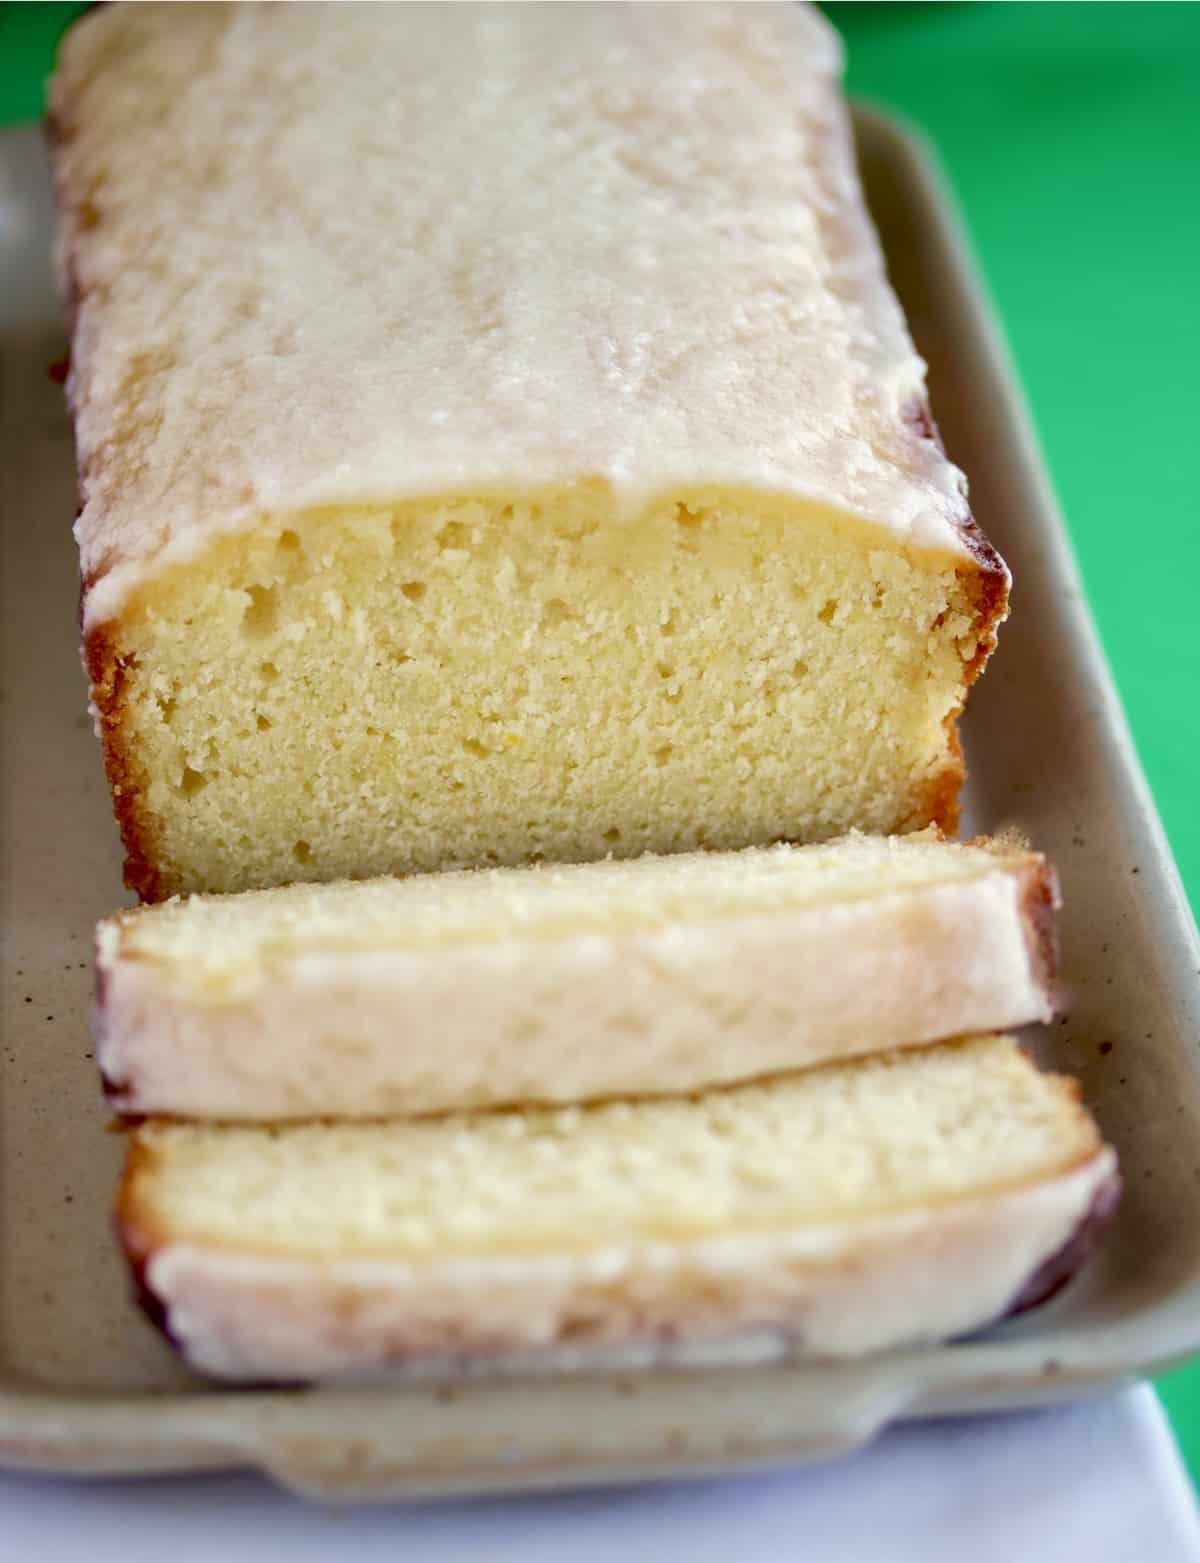 sliced lemon cake